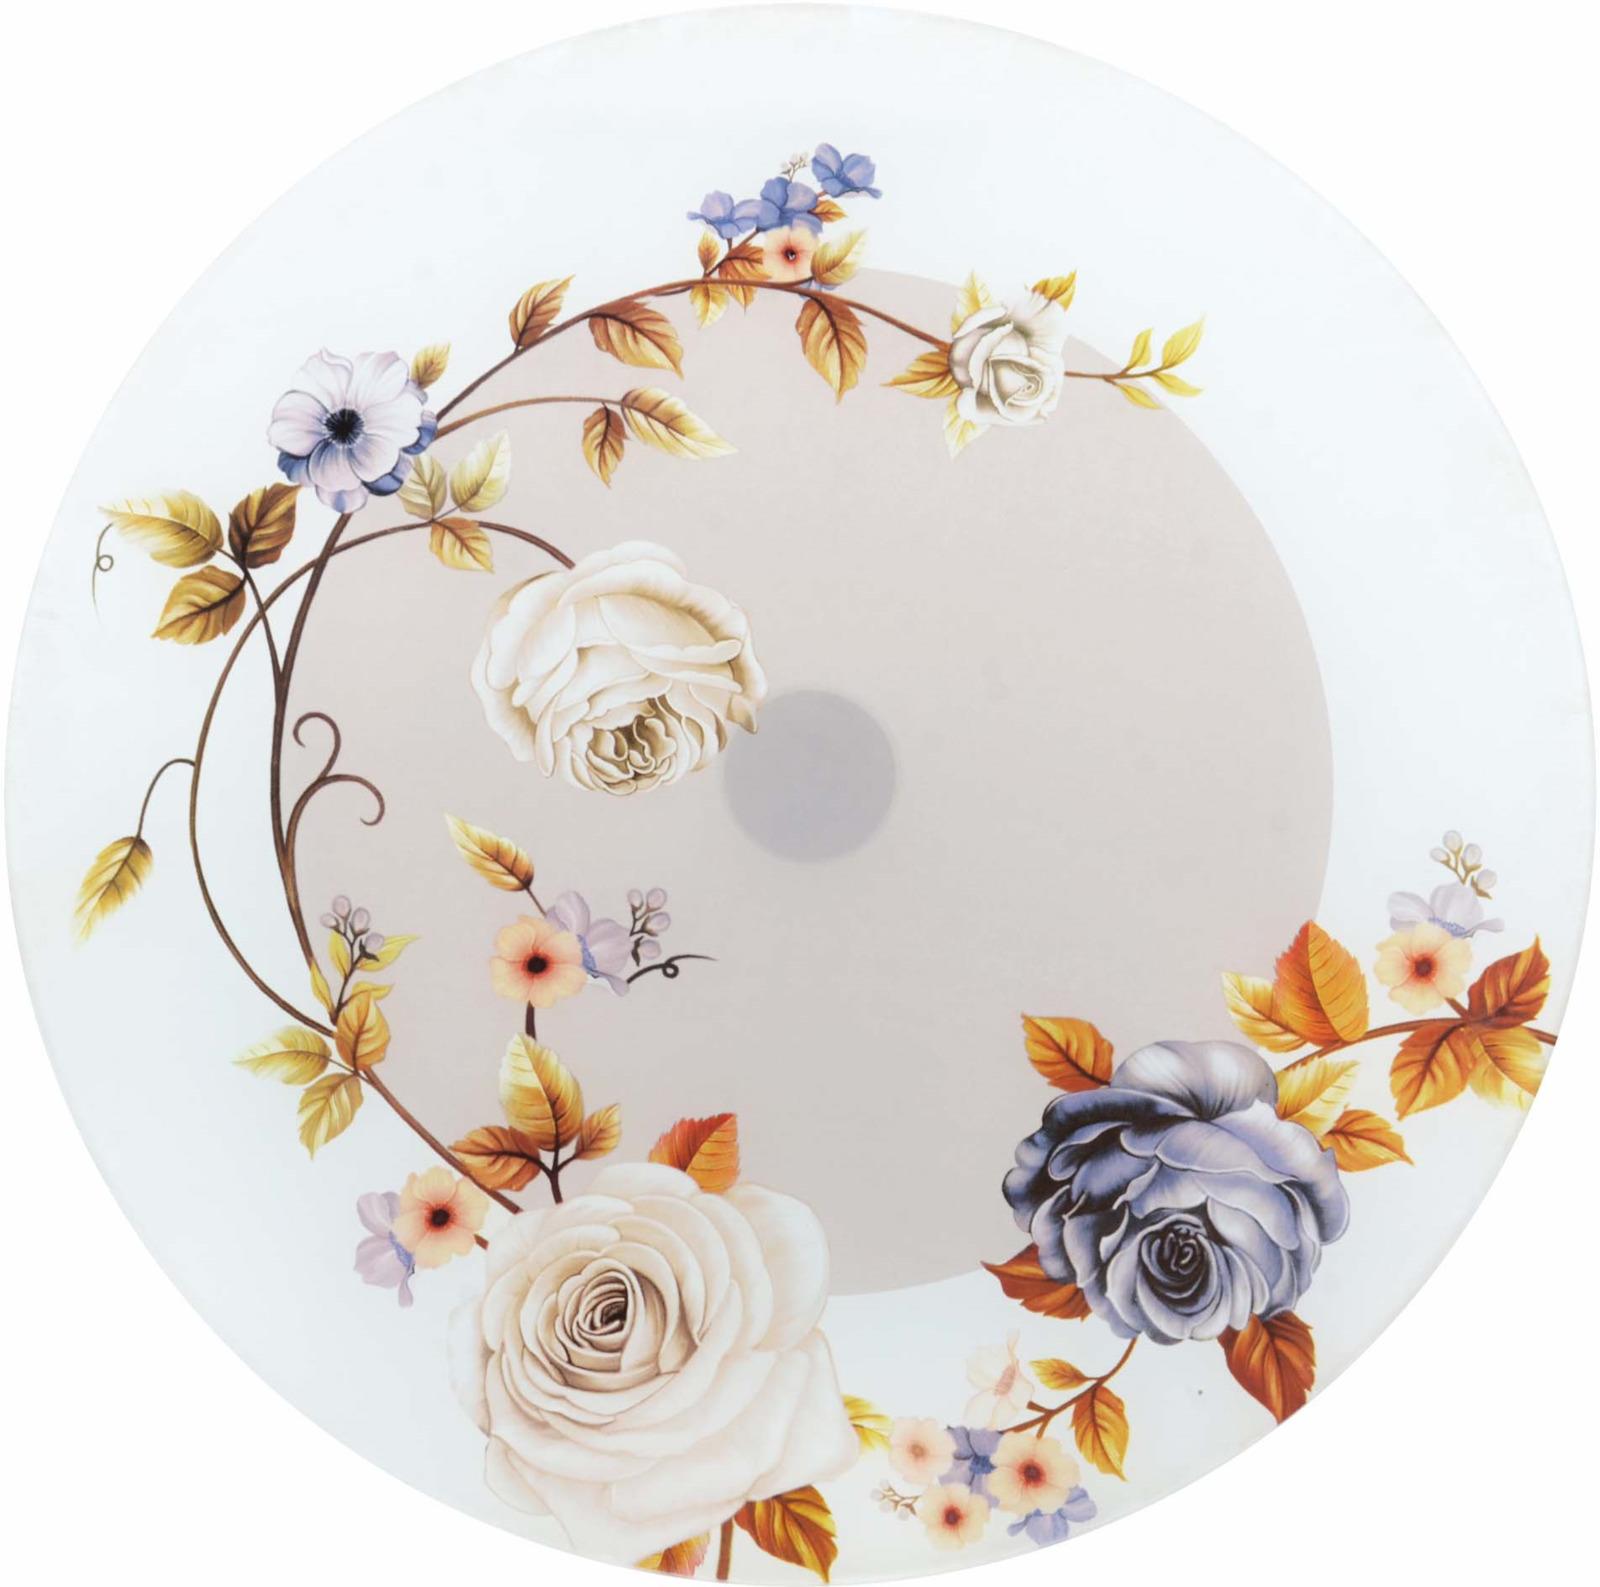 Тортовница Loraine, вращающаяся, цвет: белый, бежевый, коричневый, диаметр 30,5 см. э2368